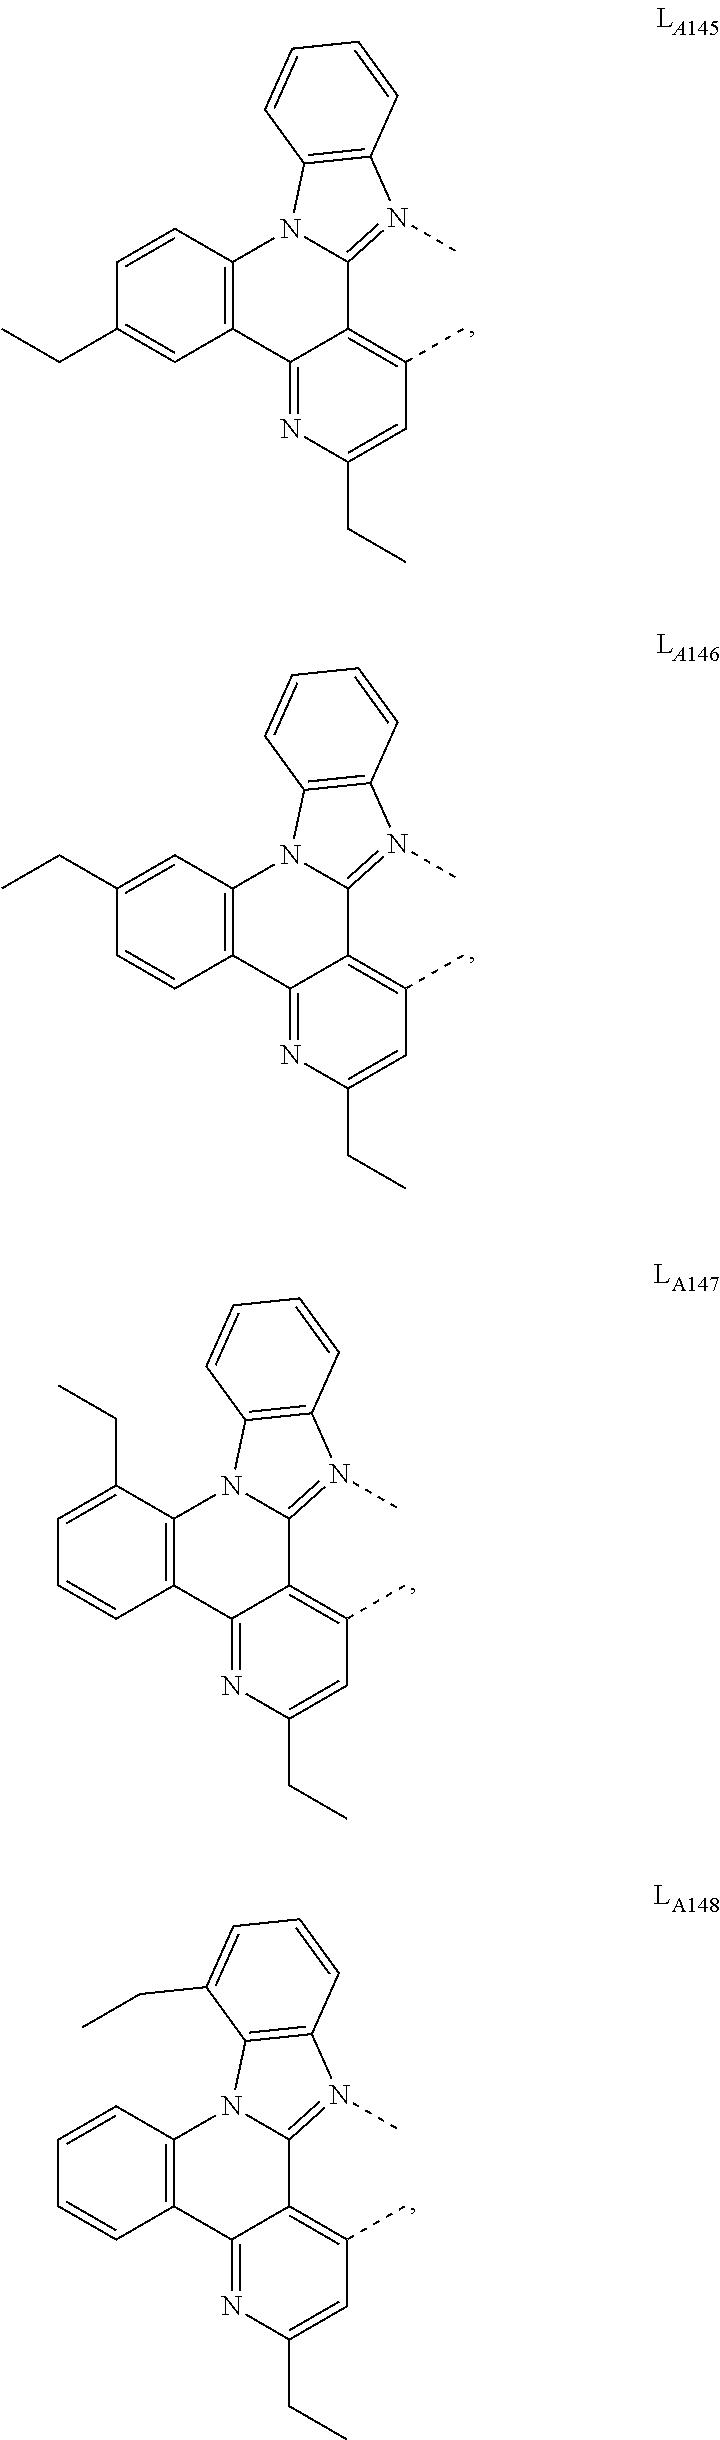 Figure US09905785-20180227-C00058